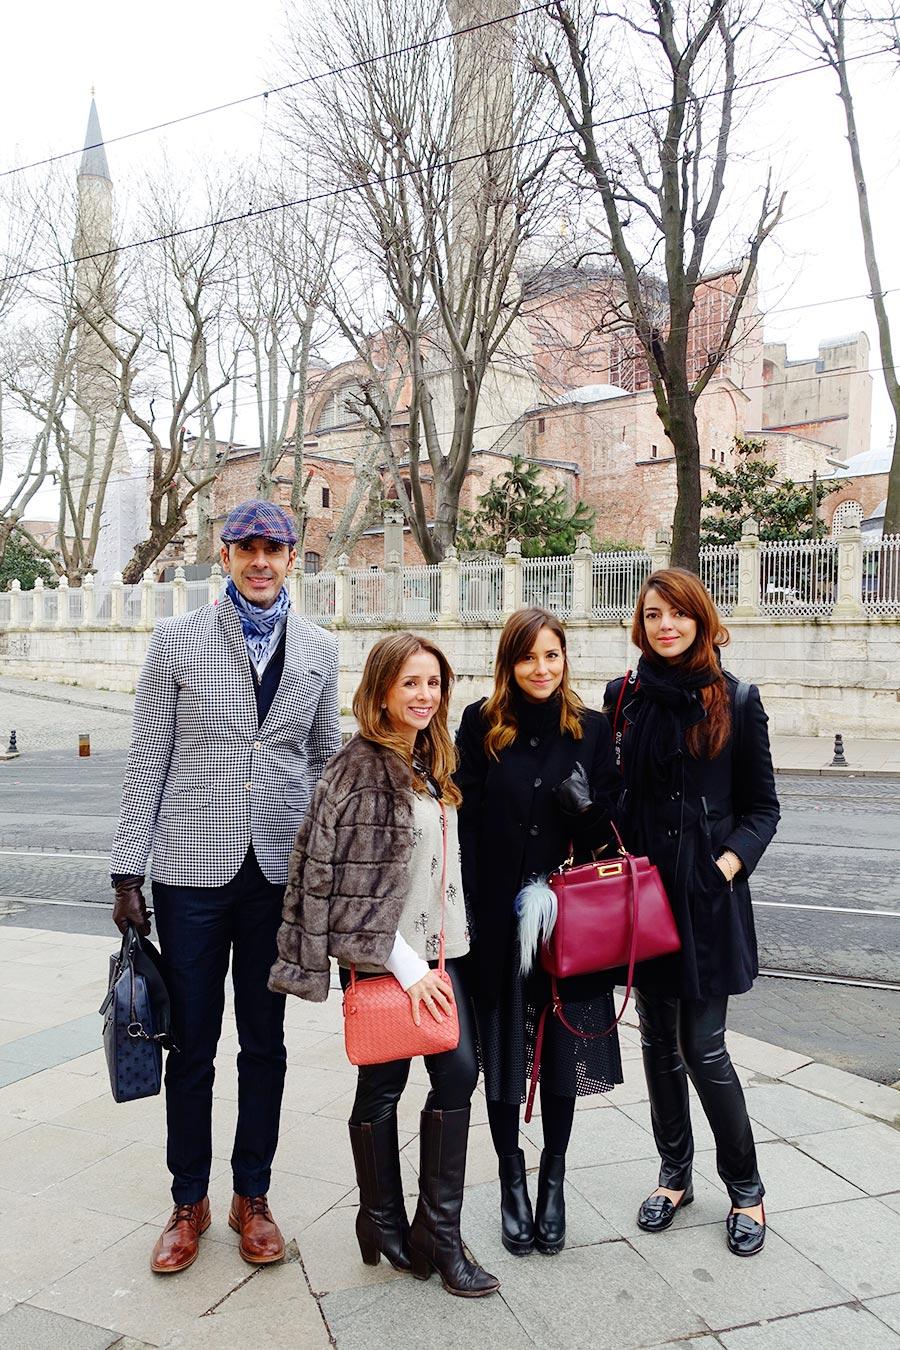 Nosso grupo: Alexandre, Camila e Luisa